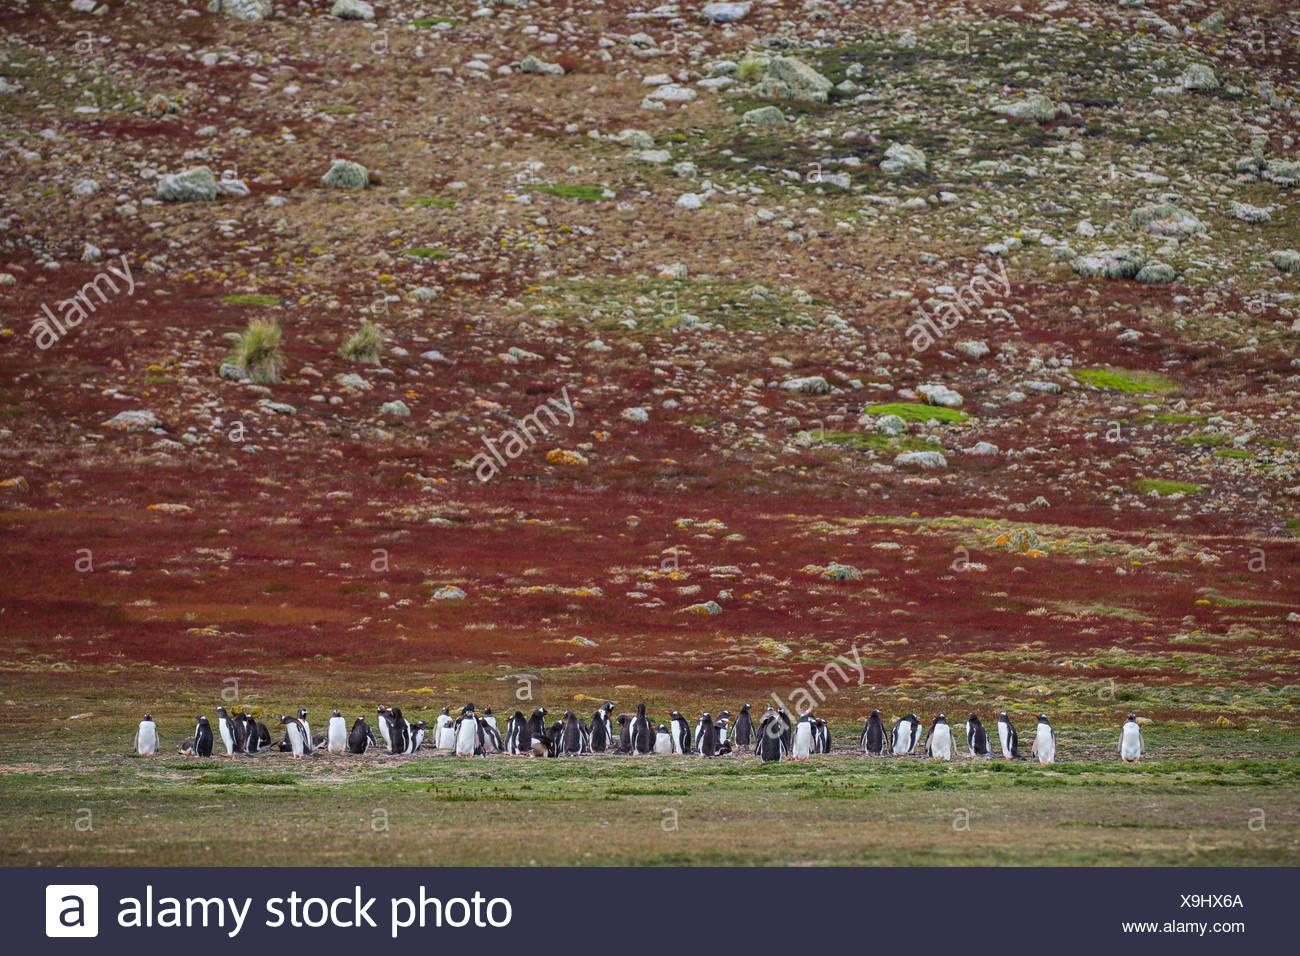 Pinguine im Abstand vor einer rollenden Red Hill. Stockbild